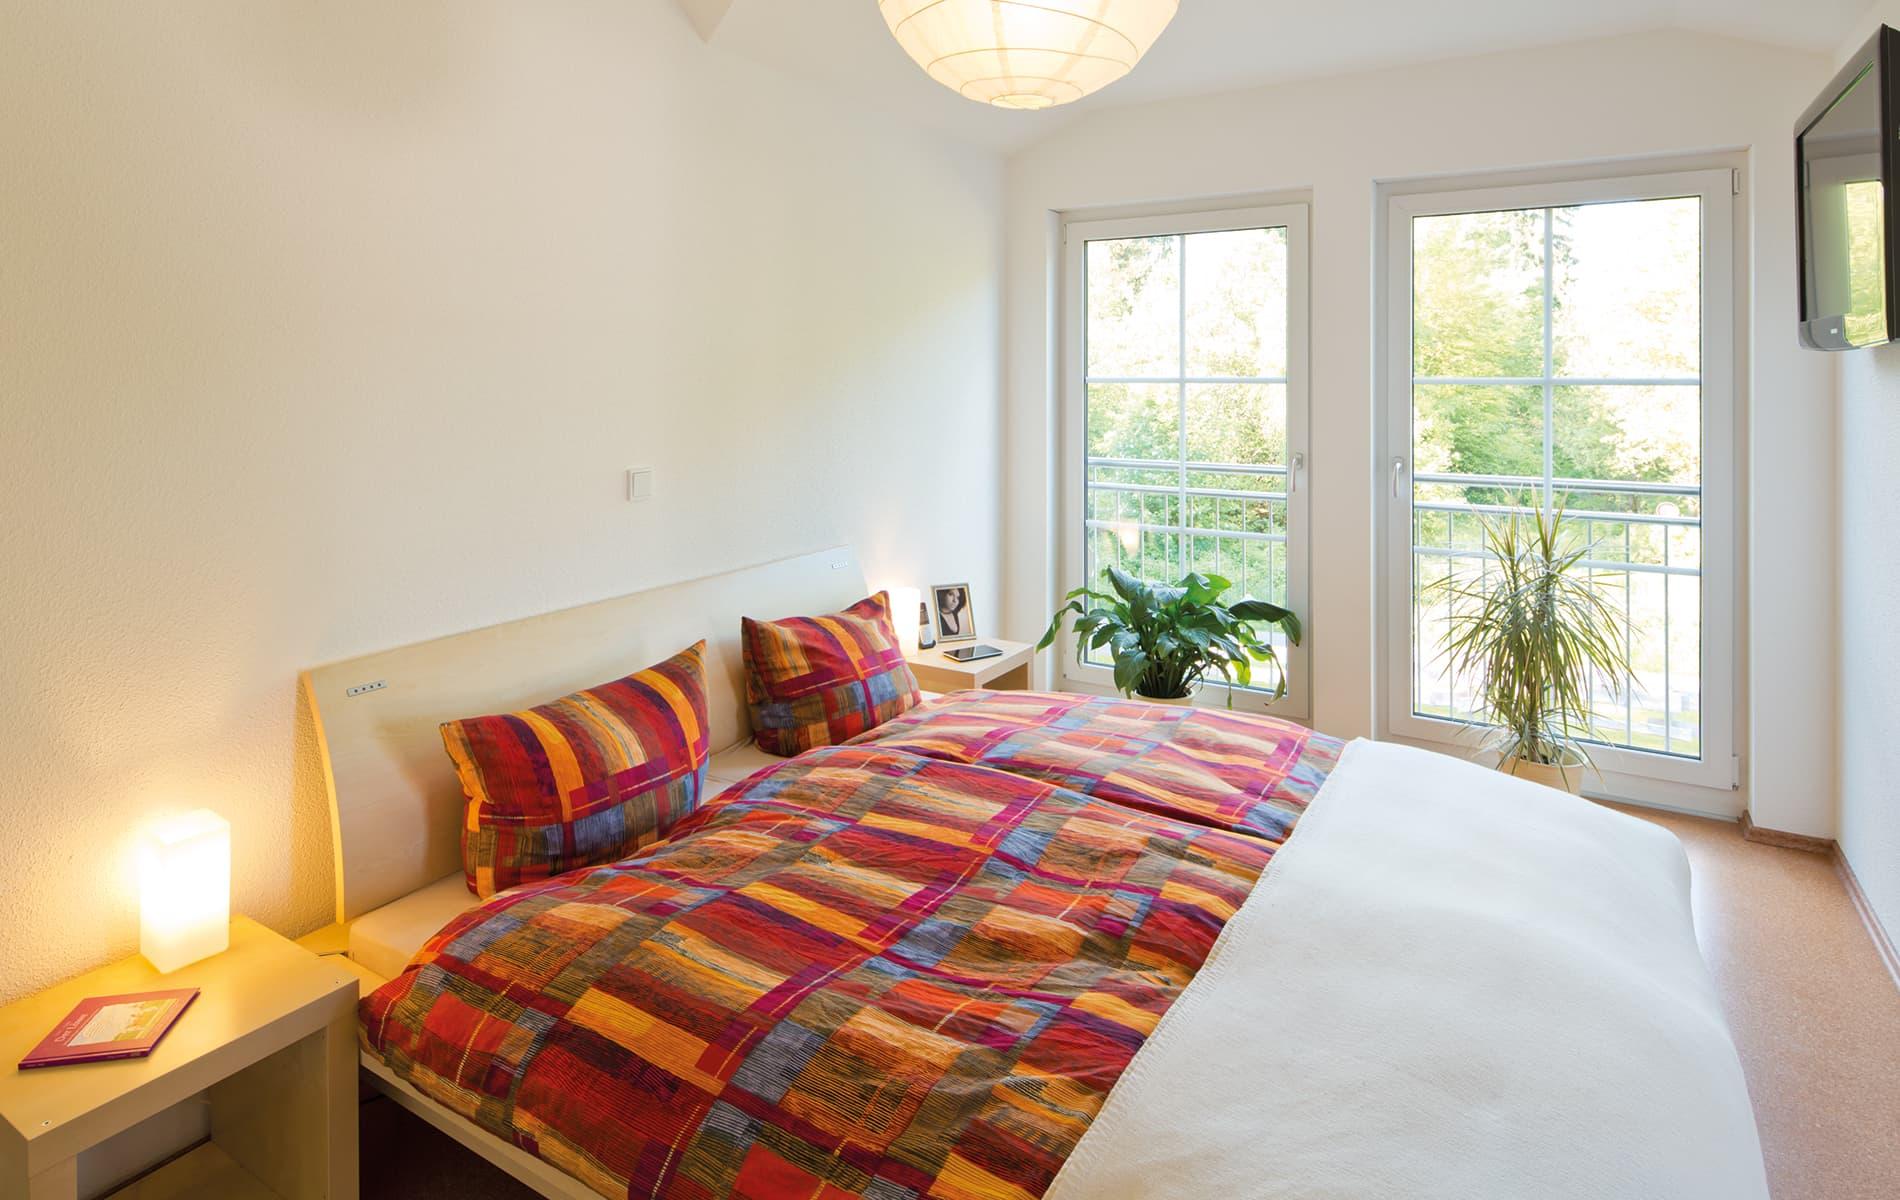 VIO 300 - helles und gemütliches Schlafzimmer